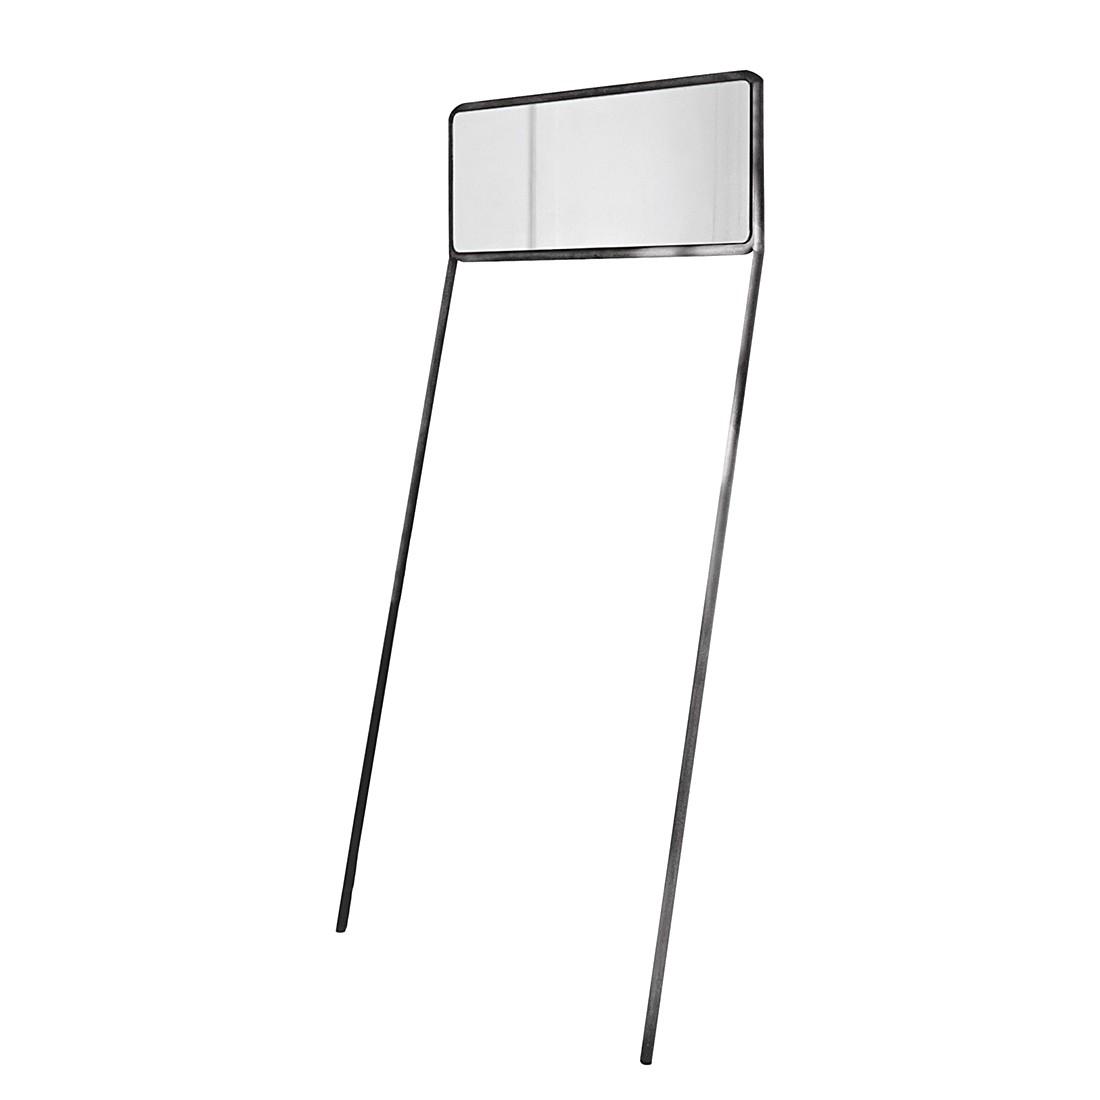 Spiegel Ingham – Rahmen: Eisen, Spiegelglas grau, Loberon kaufen